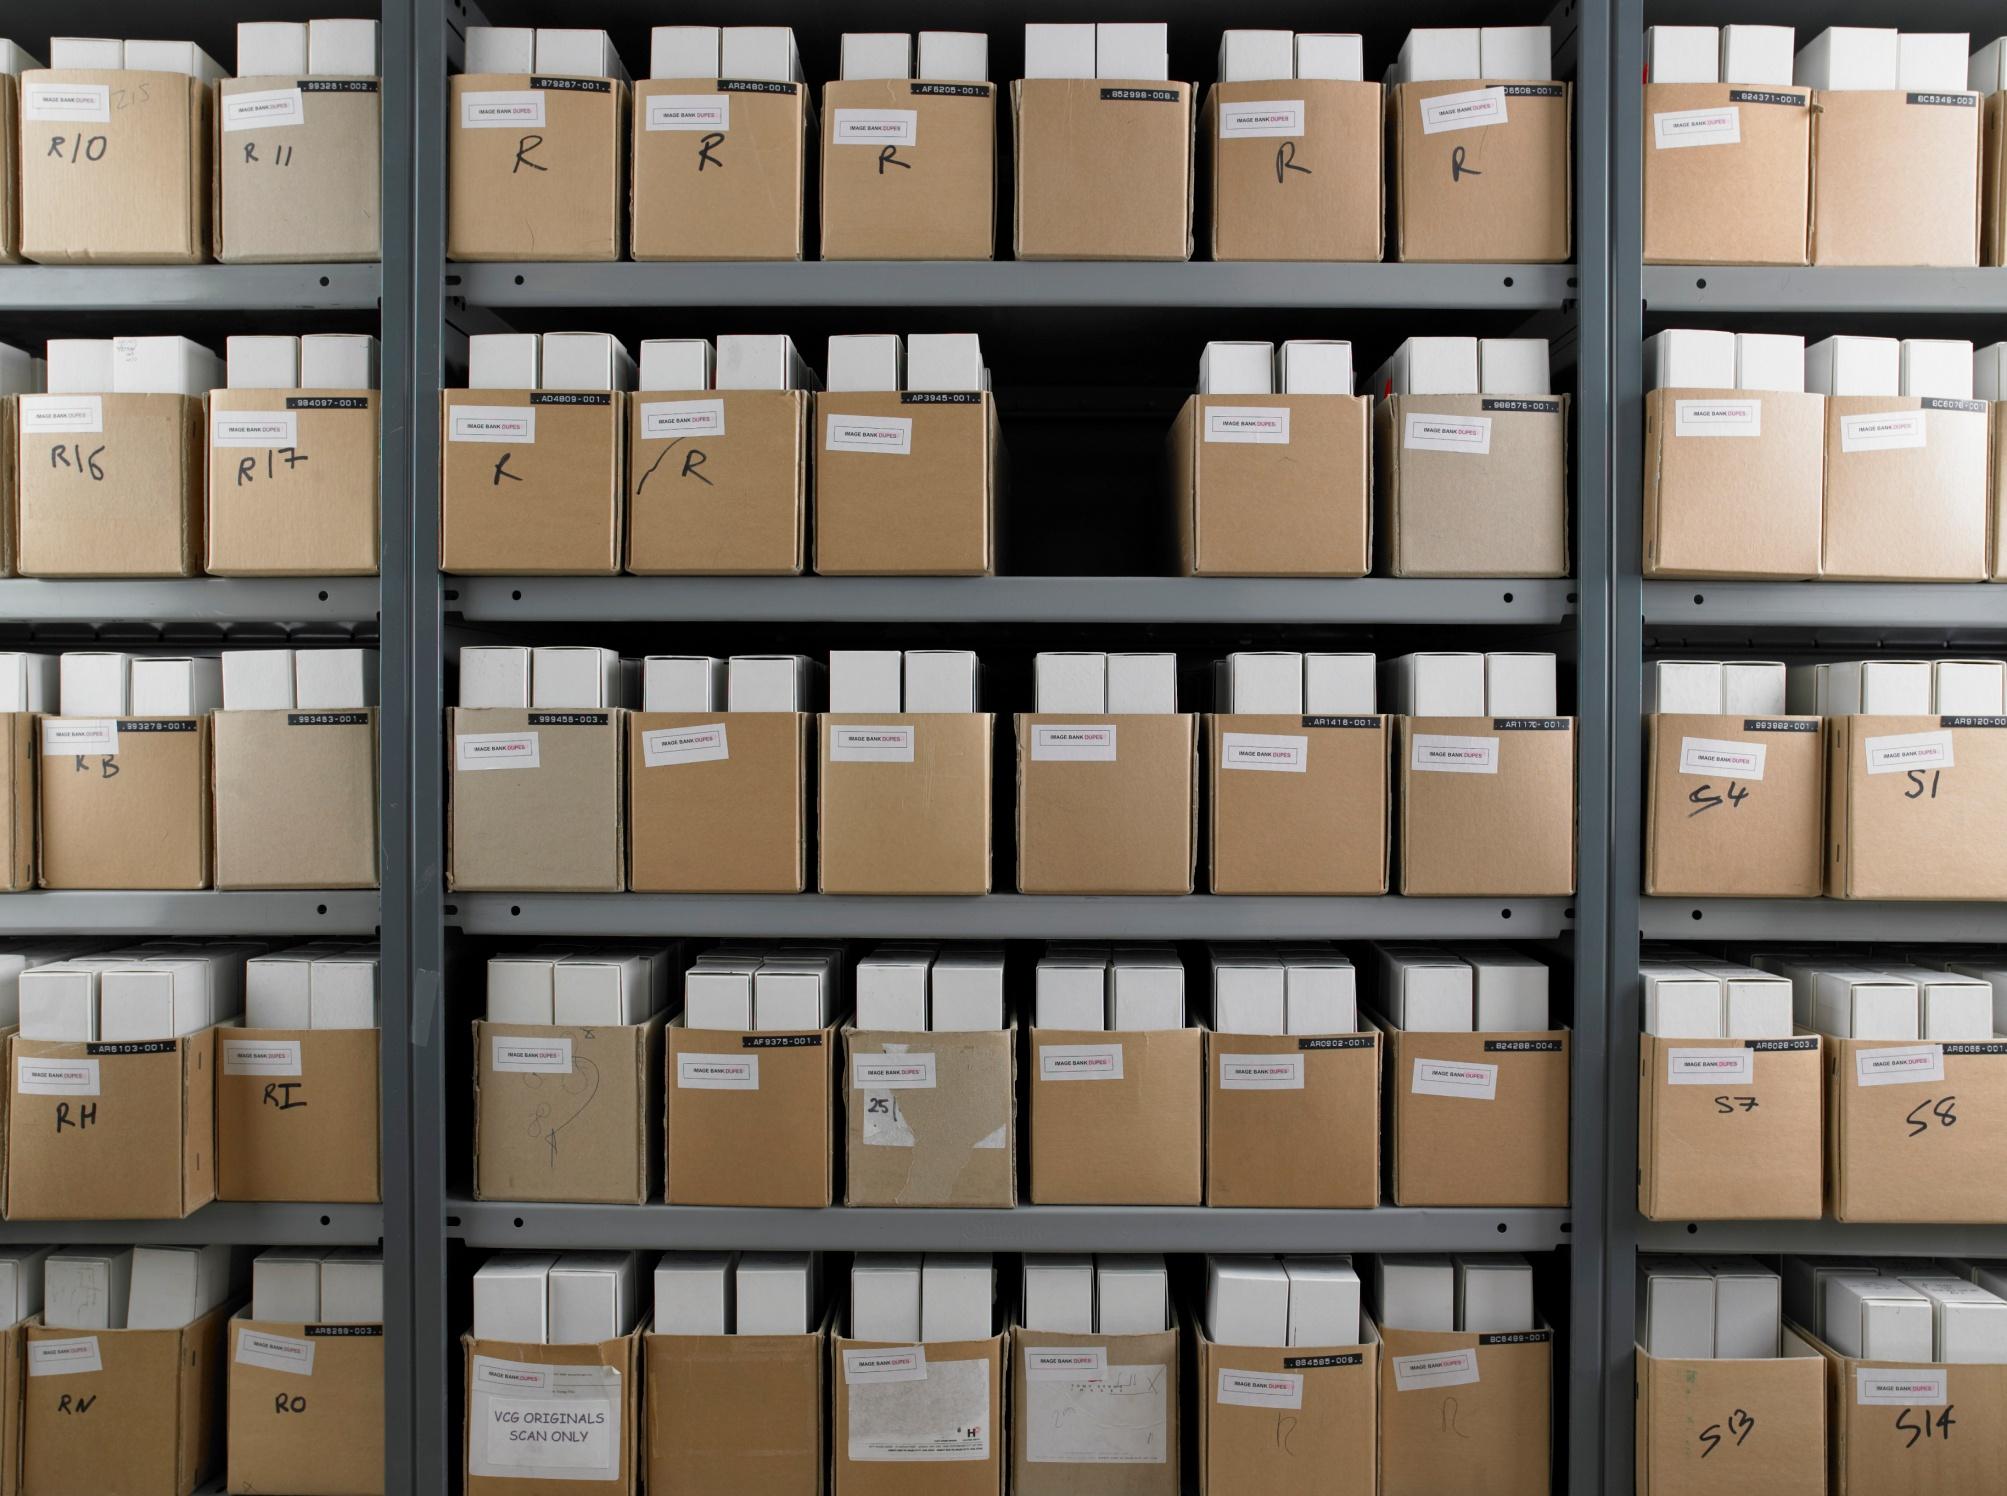 Tietoturva ja sujuva prosessi vakuuttivat Schindler Oy:n.